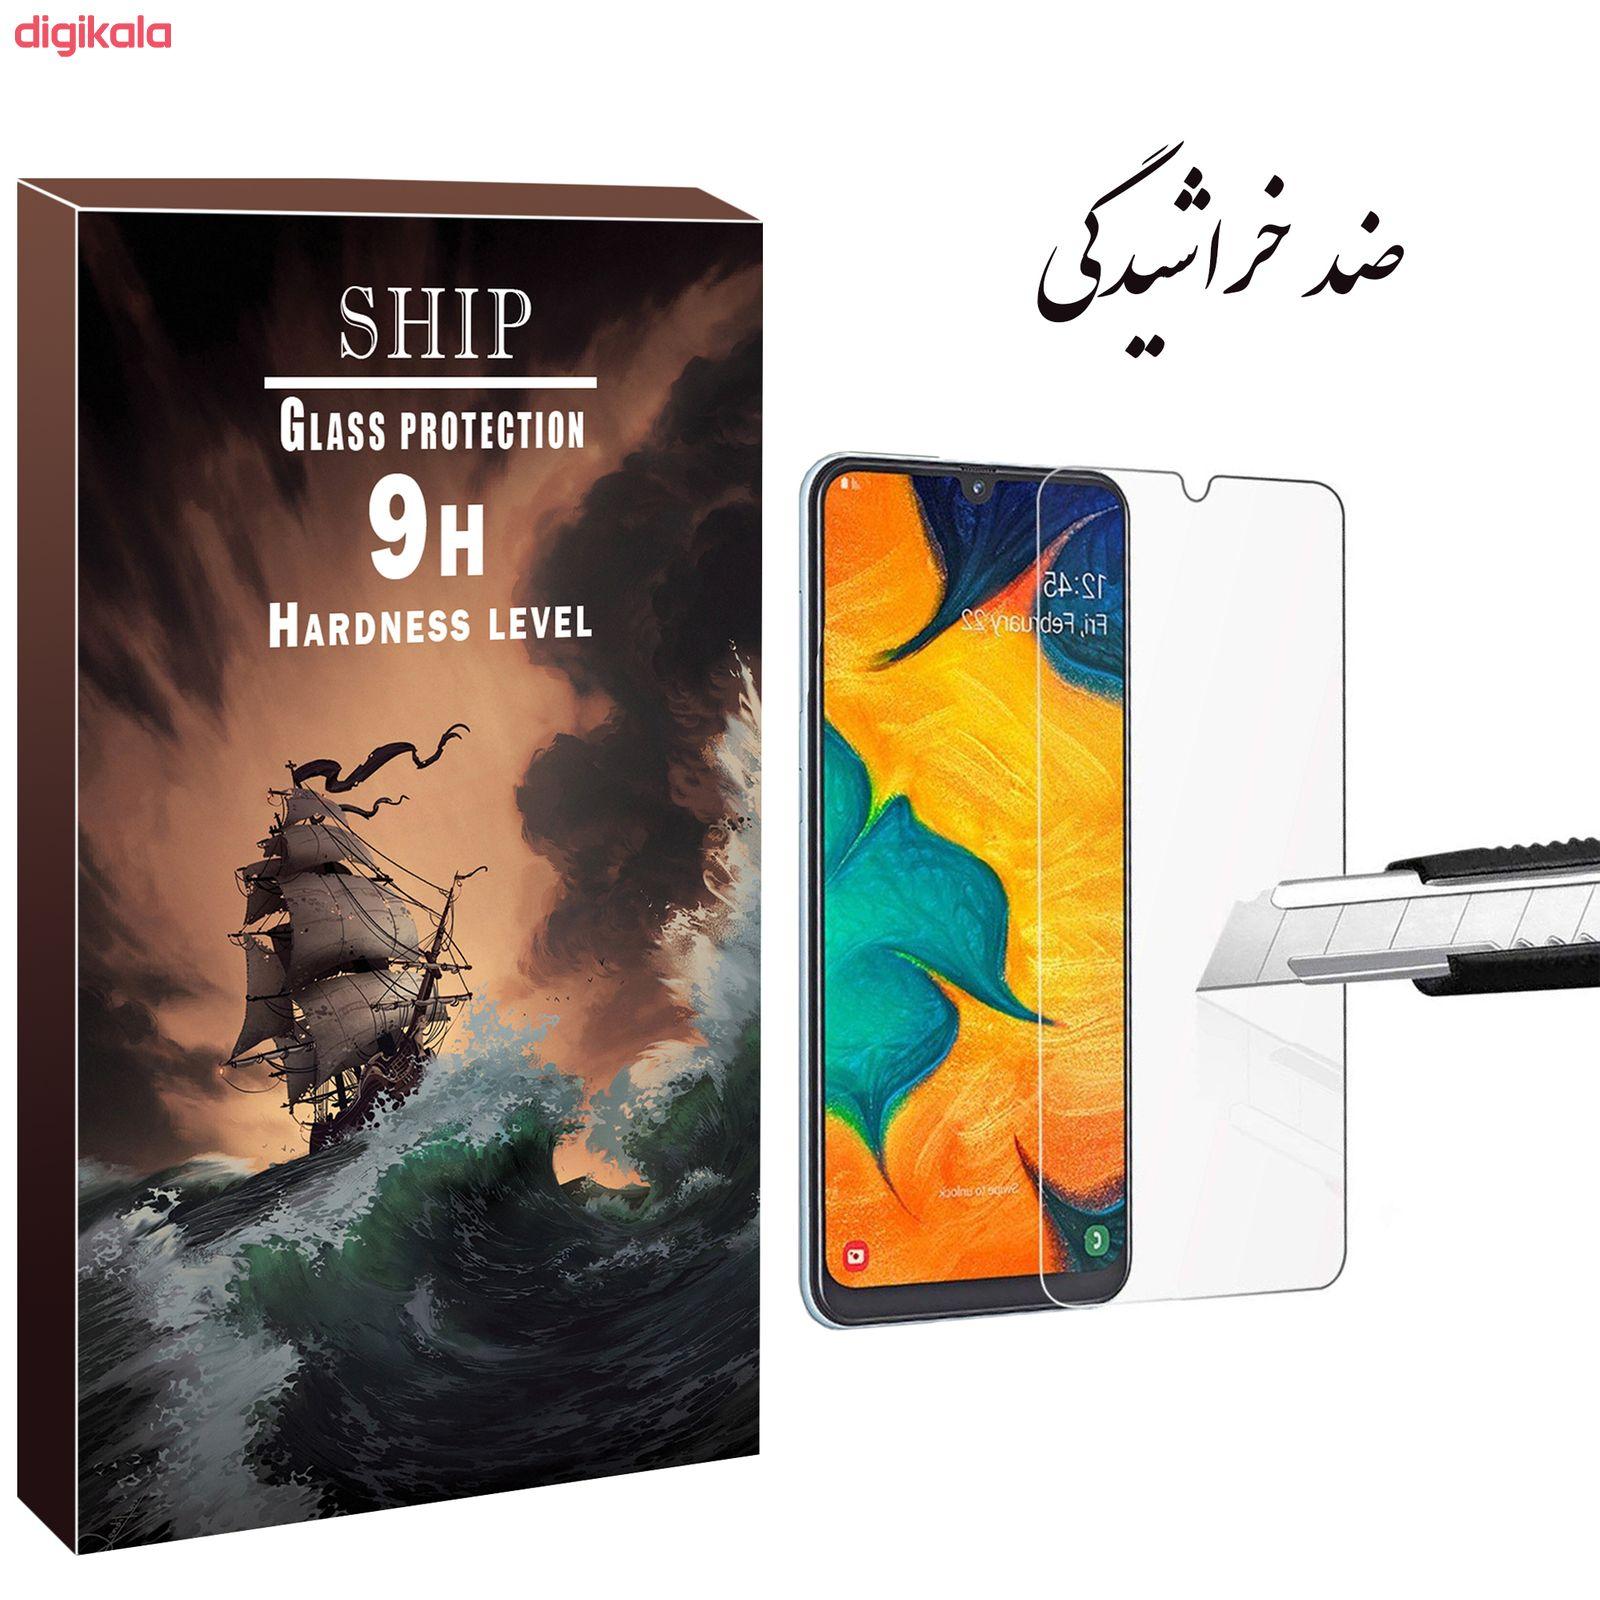 محافظ صفحه نمایش شیپ مدل SAD-01 مناسب برای گوشی موبایل سامسونگ Galaxy A11 main 1 4